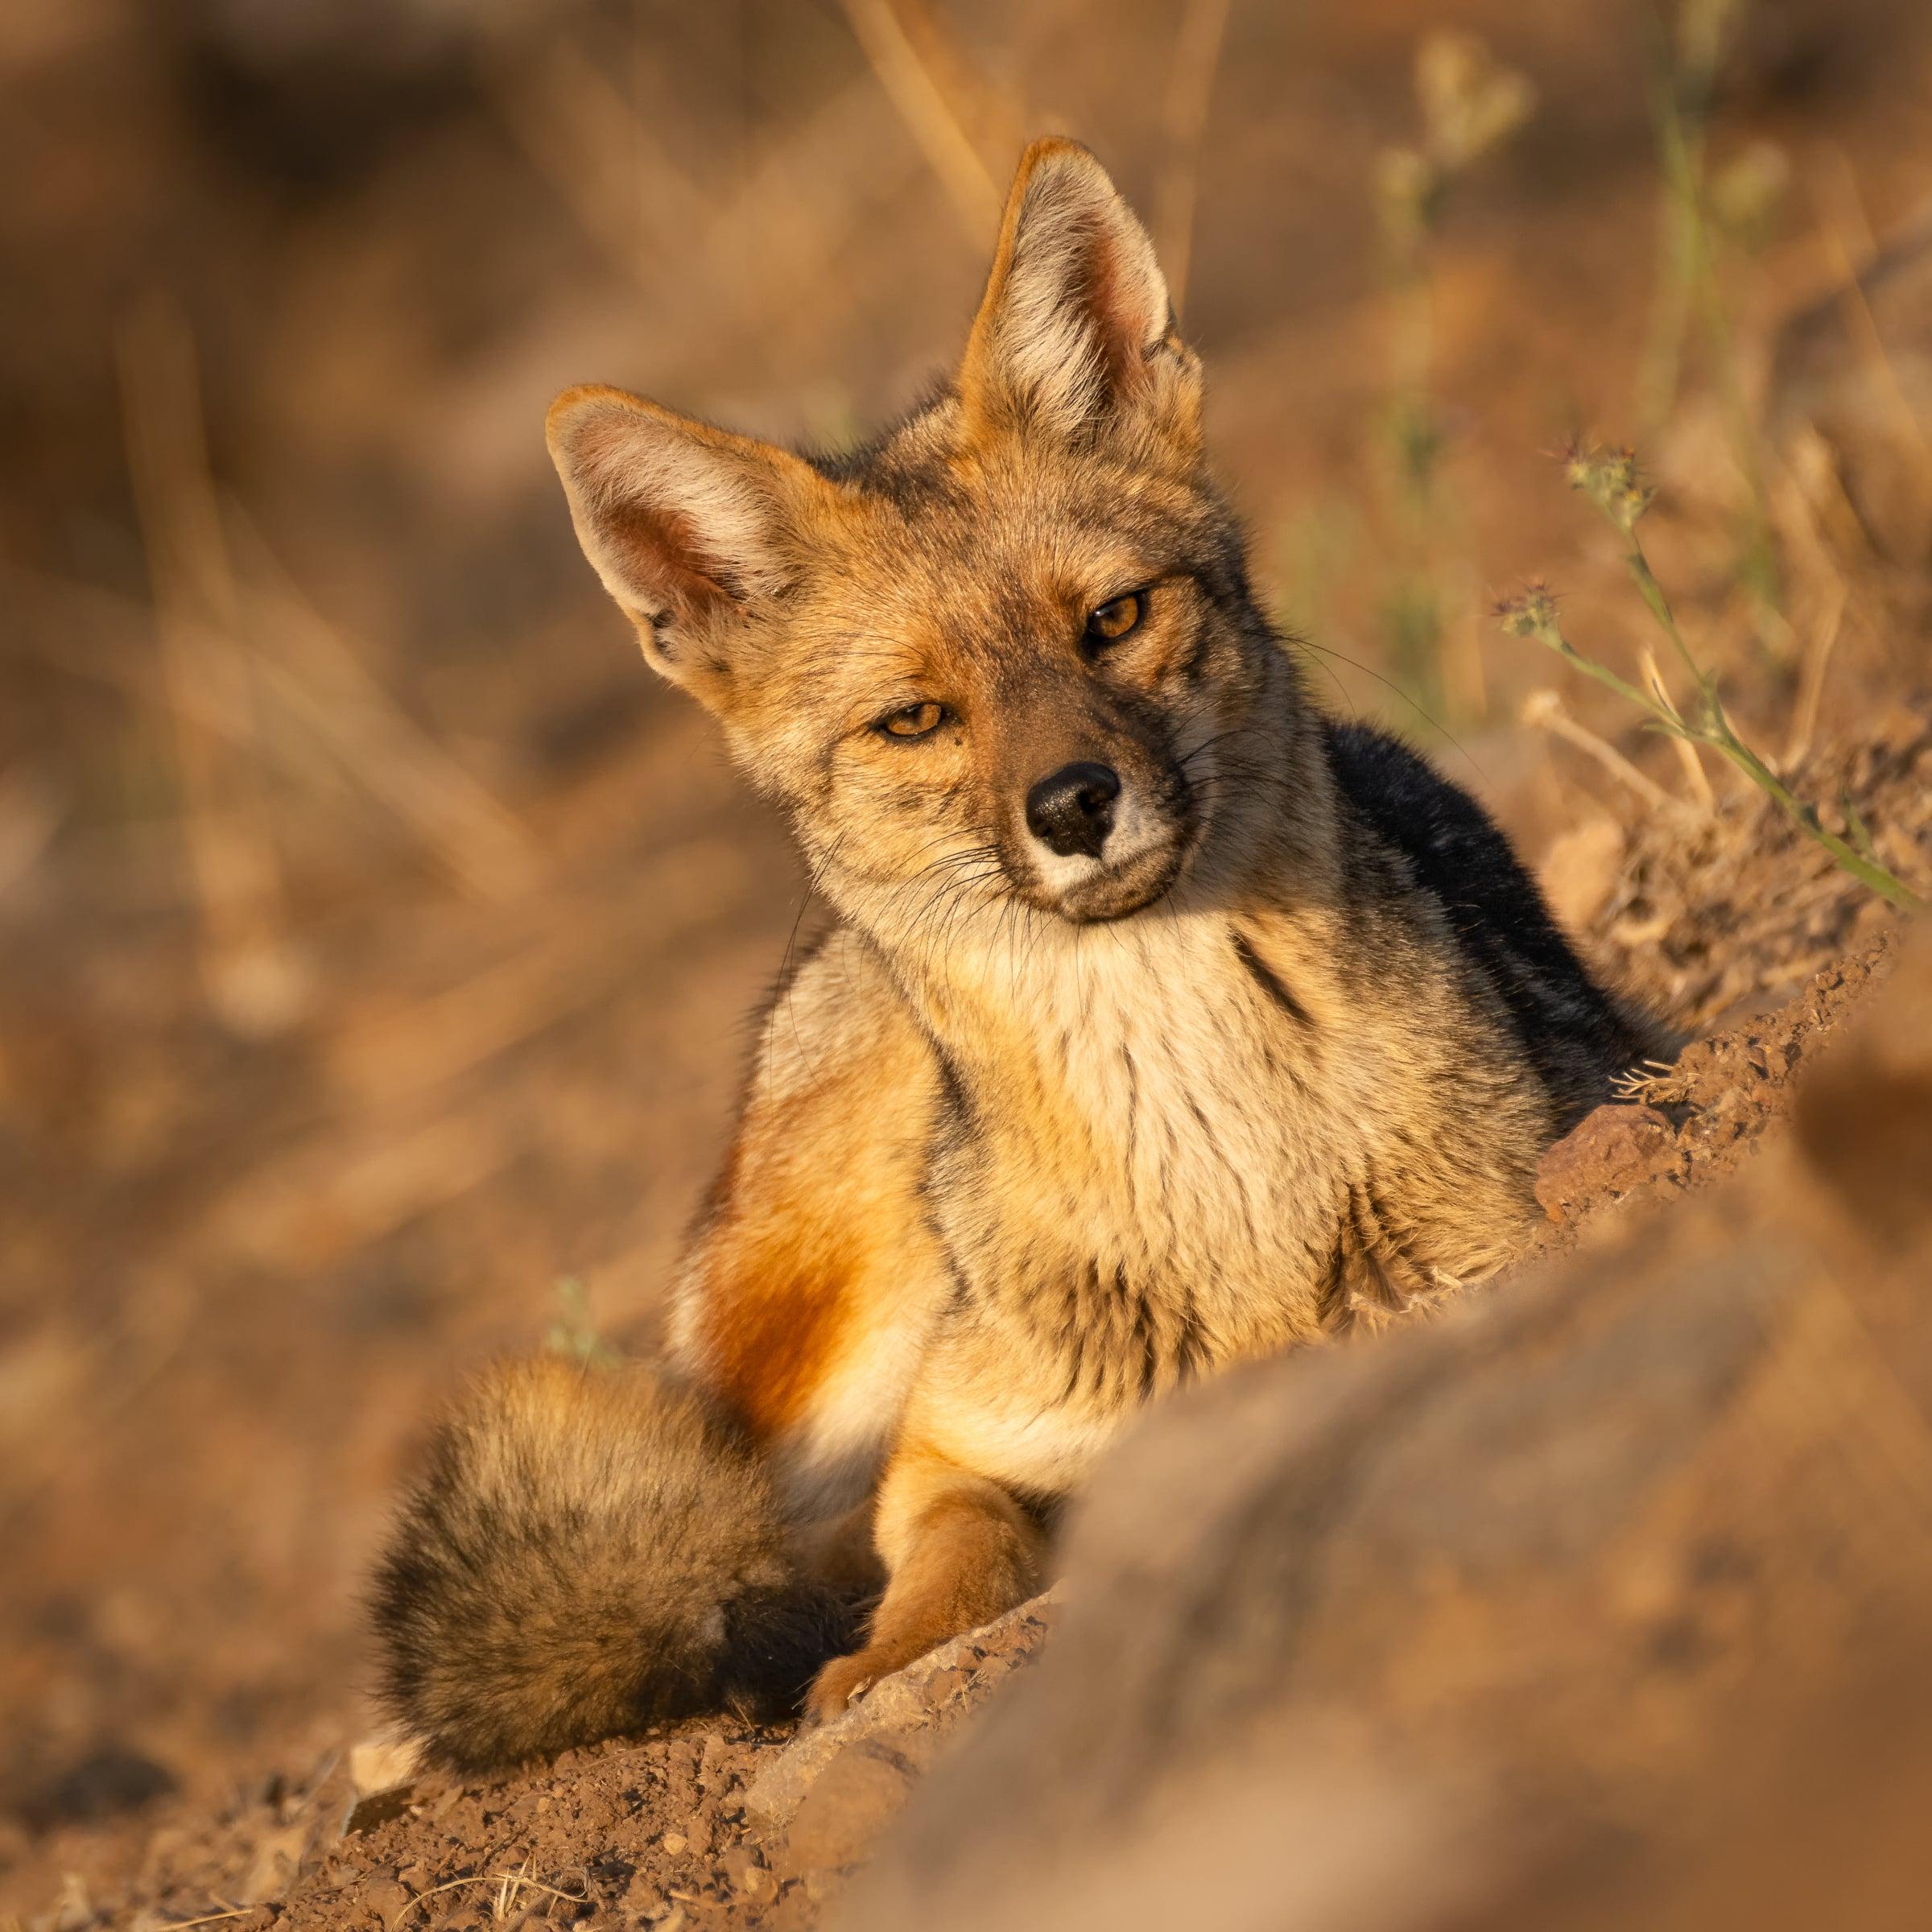 Fotografía de Fauna por Jean Paul de la Harpe